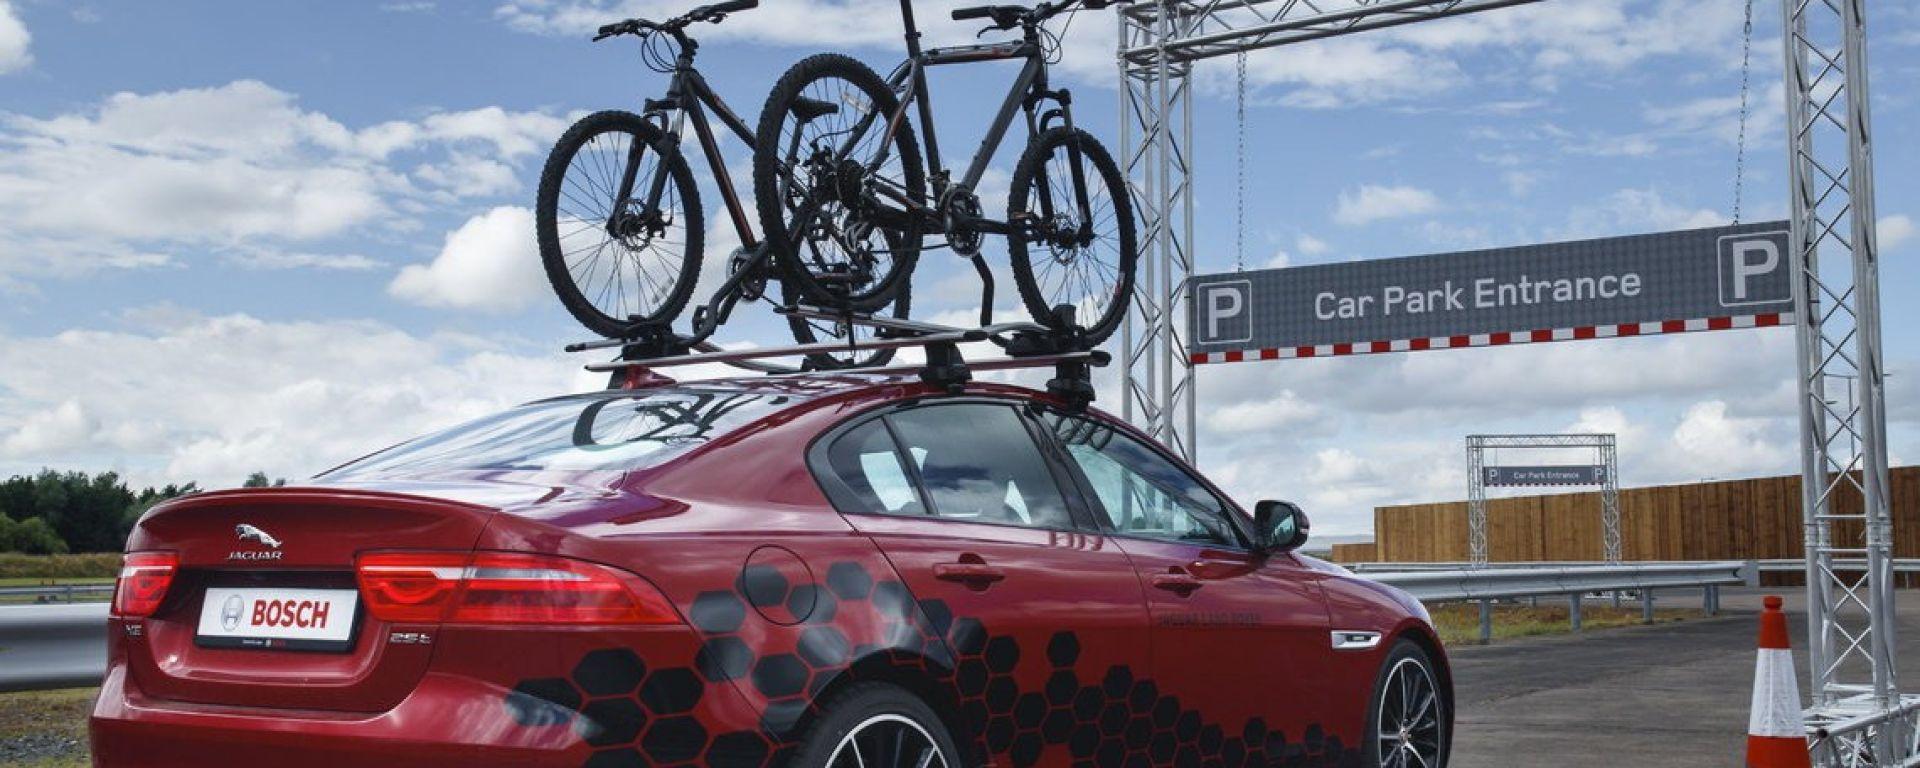 Jaguar Land Rover Overhead Clearance Assist: il sensore salva-bici